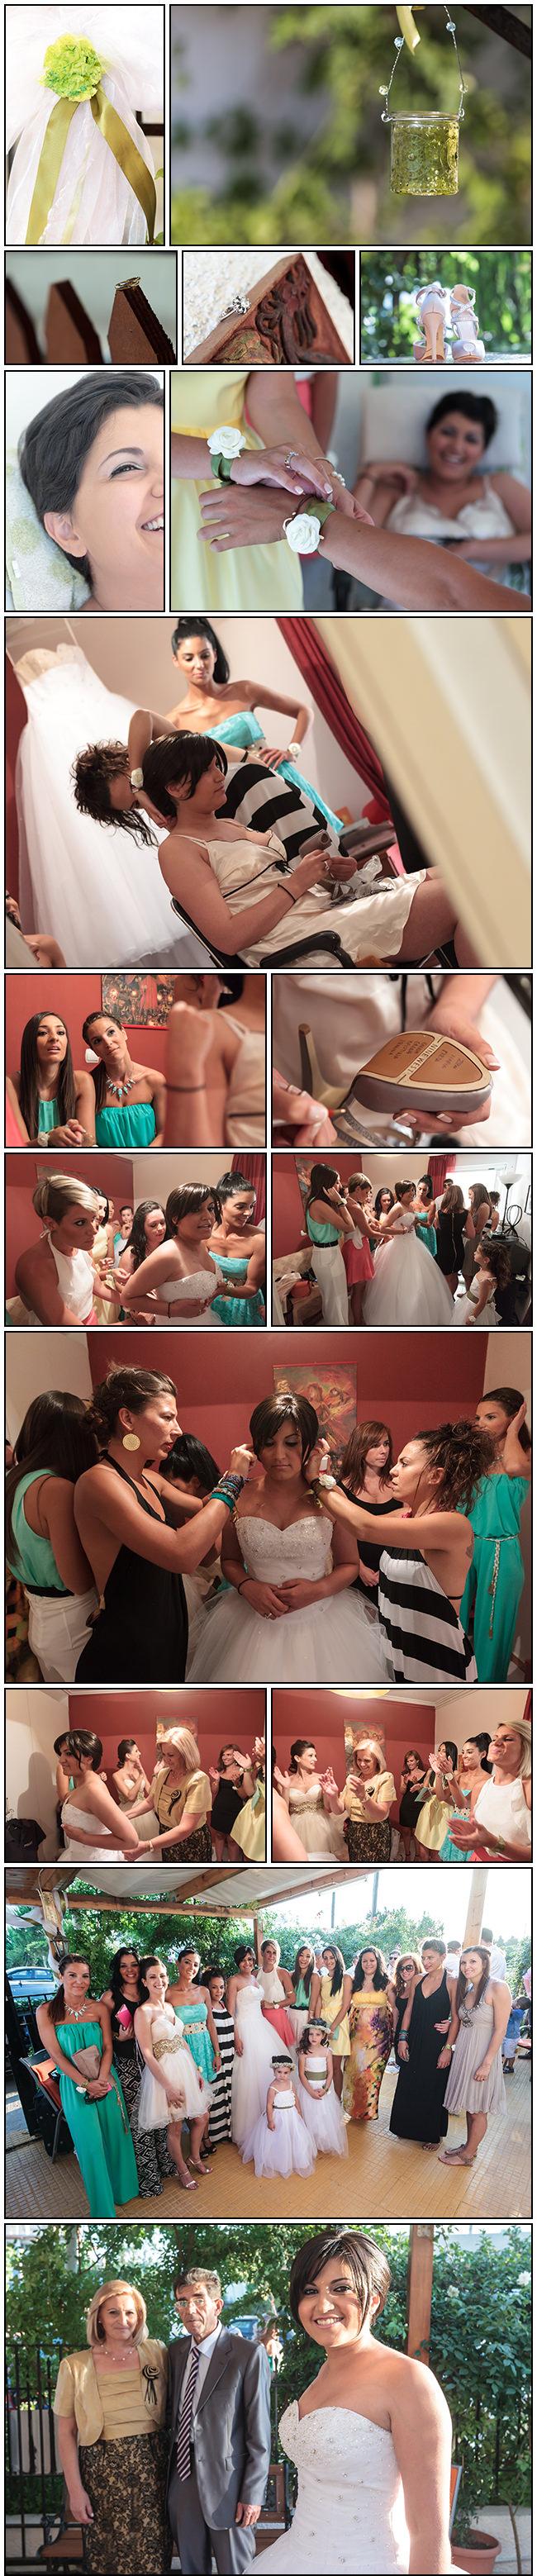 Sofia-Kostas Isthmia wedding - Sofia getting ready photos